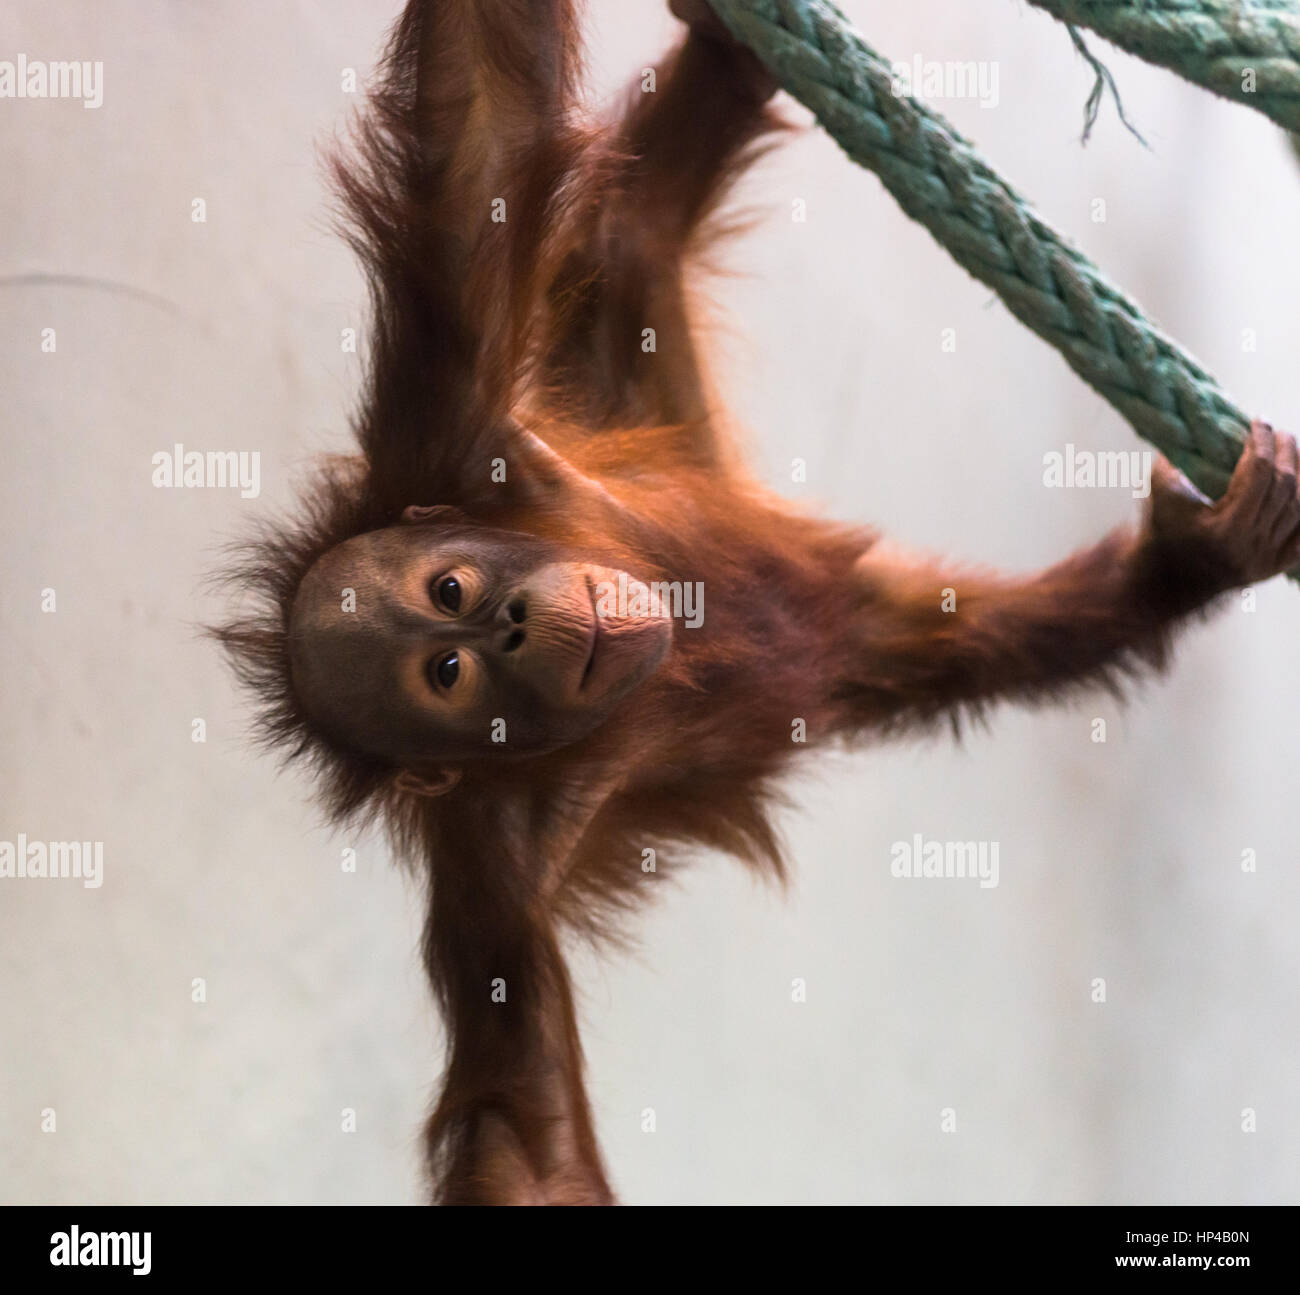 Carino baby orangutan a giocare. Foto Stock